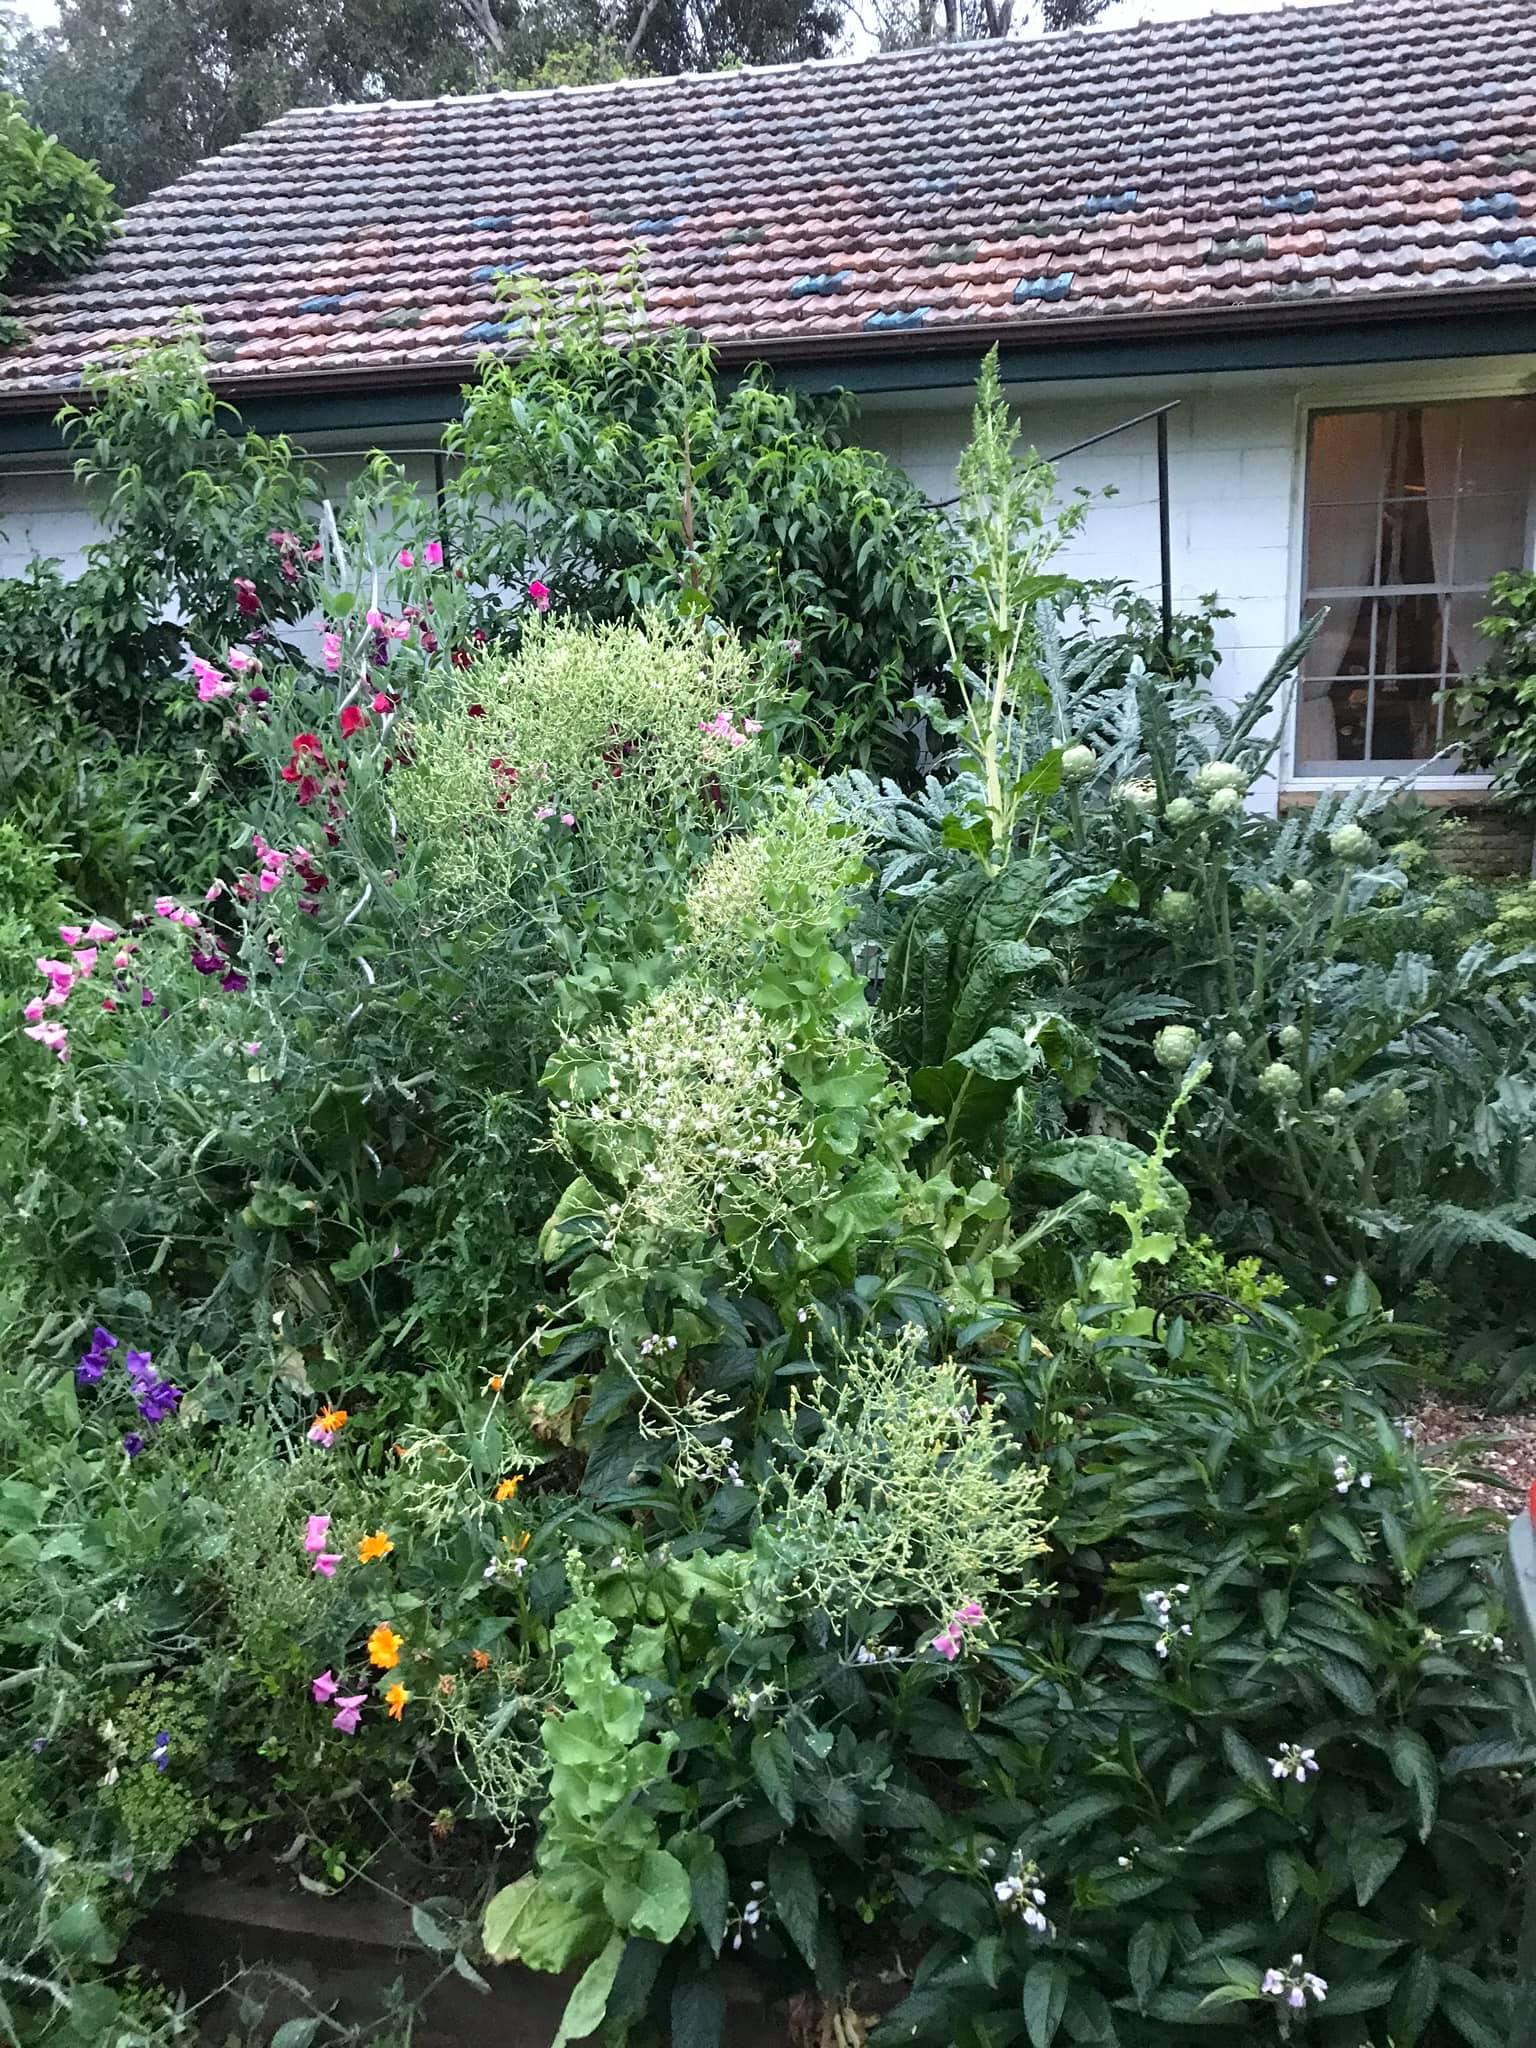 Khu vườn rộng 575m² xanh tươi đủ loại rau quả sạch giữa thành phố của người đàn ông thích trồng cây từ năm 9 tuổi - Ảnh 10.